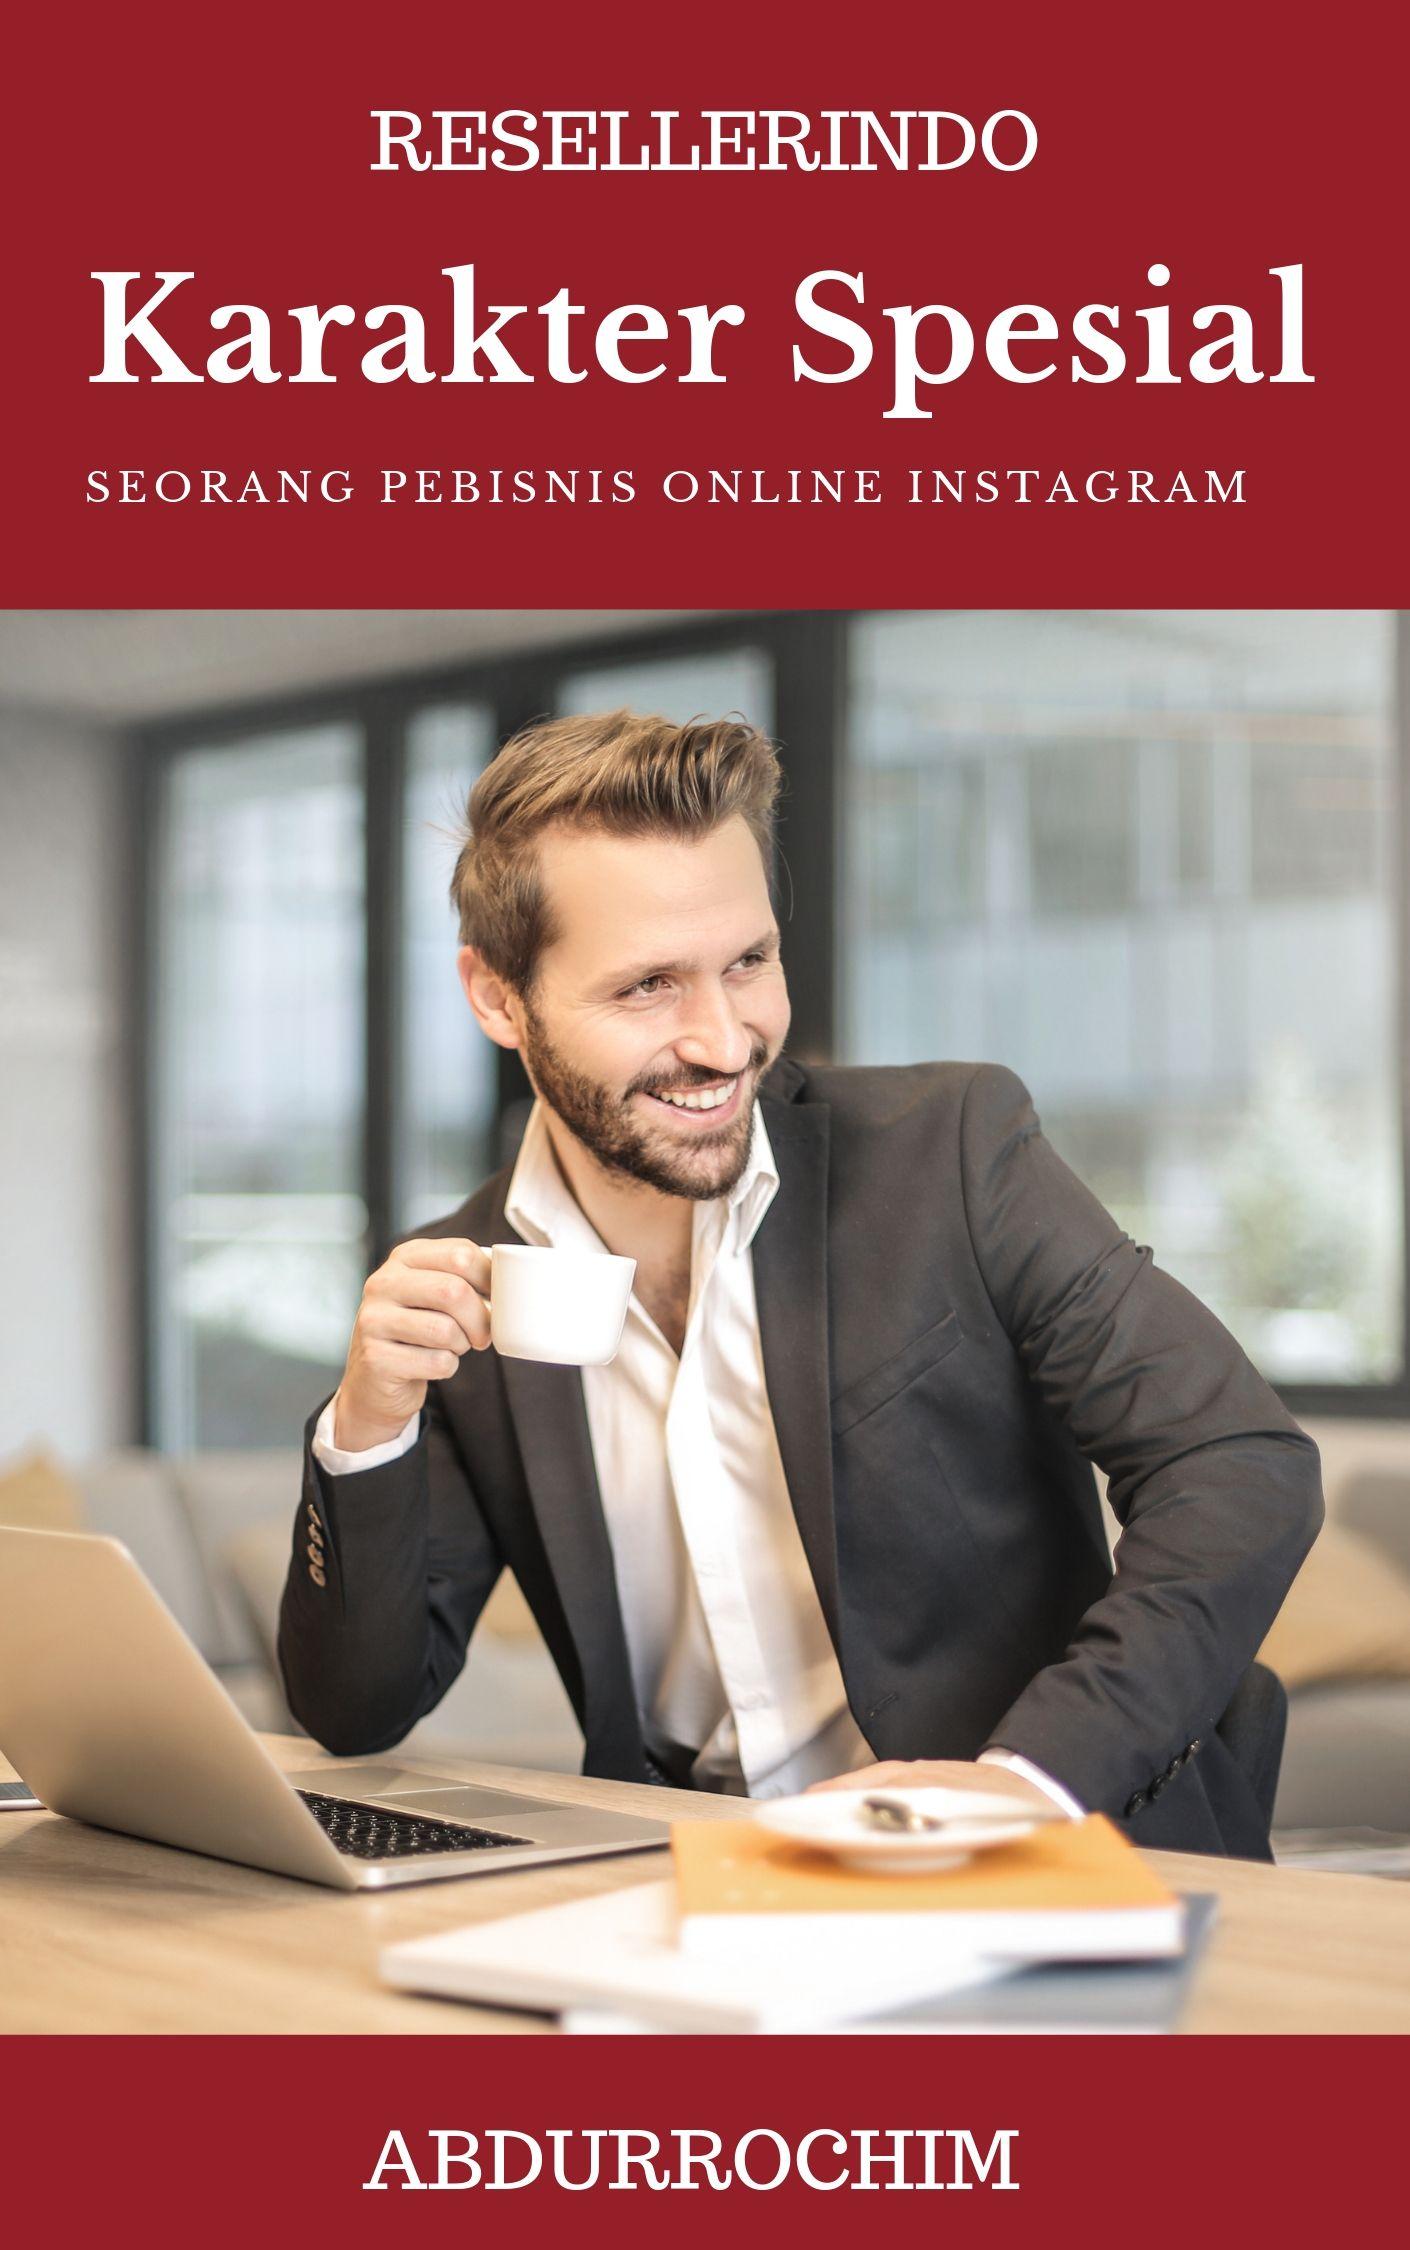 karakter pebisnis online sukses di Instagram